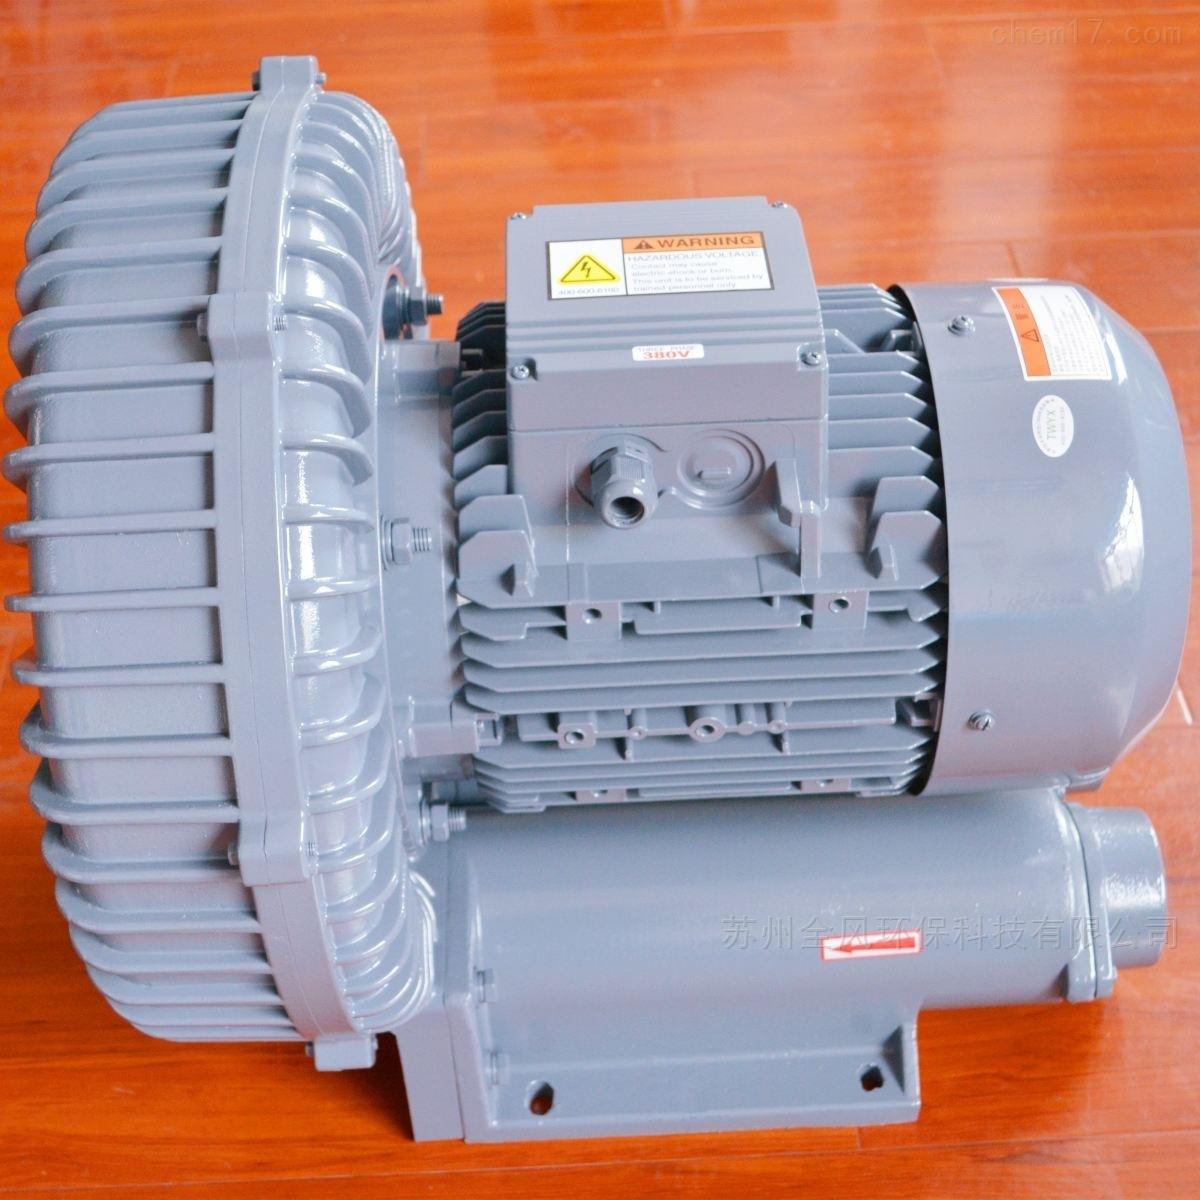 全风工厂直销染整机械设备高压漩涡气泵